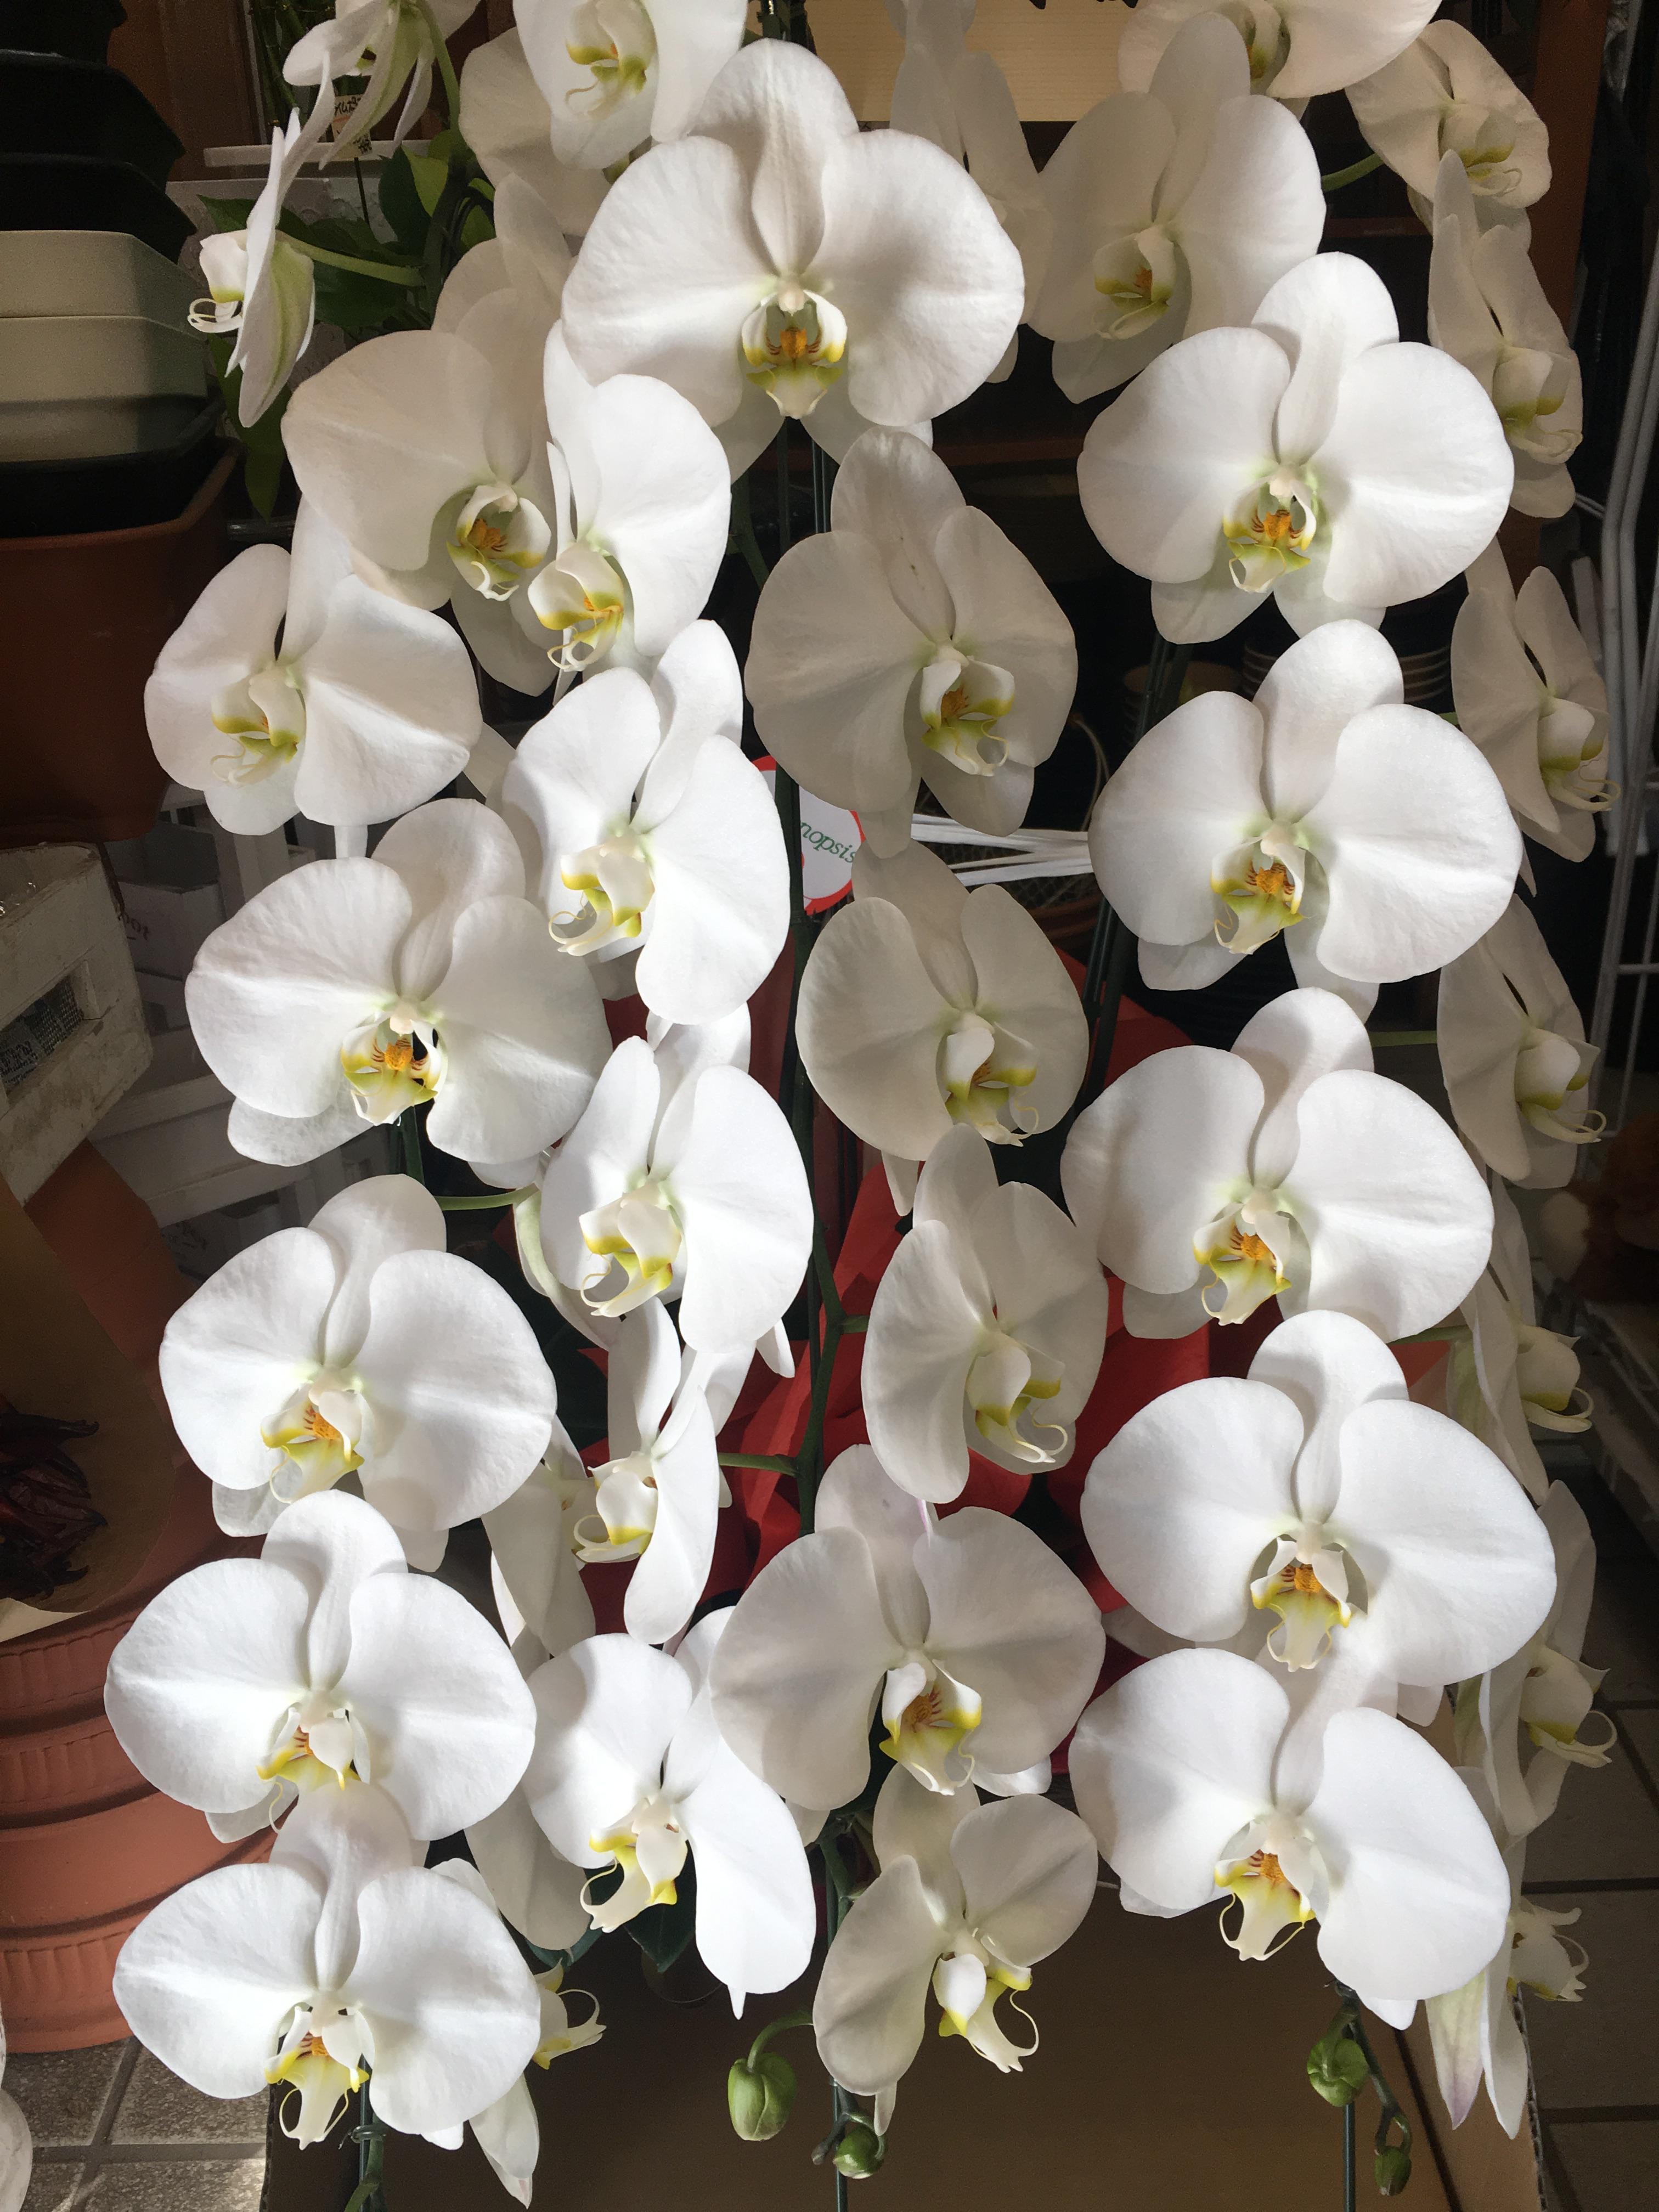 【ナオ花屋の納品事例194】横浜市新山下の法人企業様へ胡蝶蘭を即日当日配達しました!